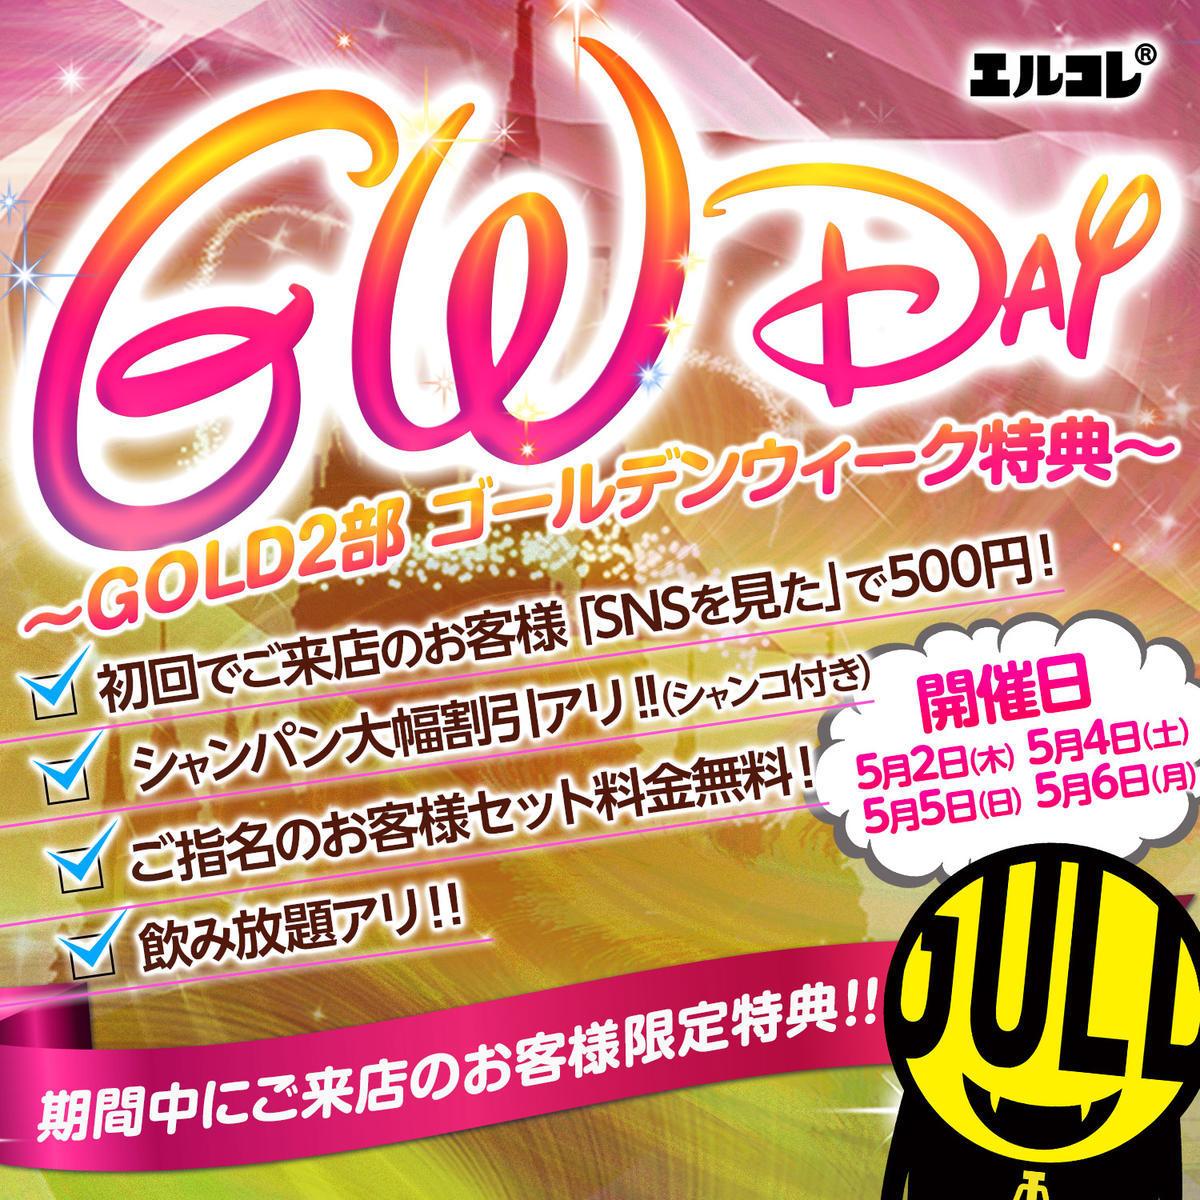 歌舞伎町GOLD -2部-のイベント「ゴールデンウィークデイ」のポスターデザイン